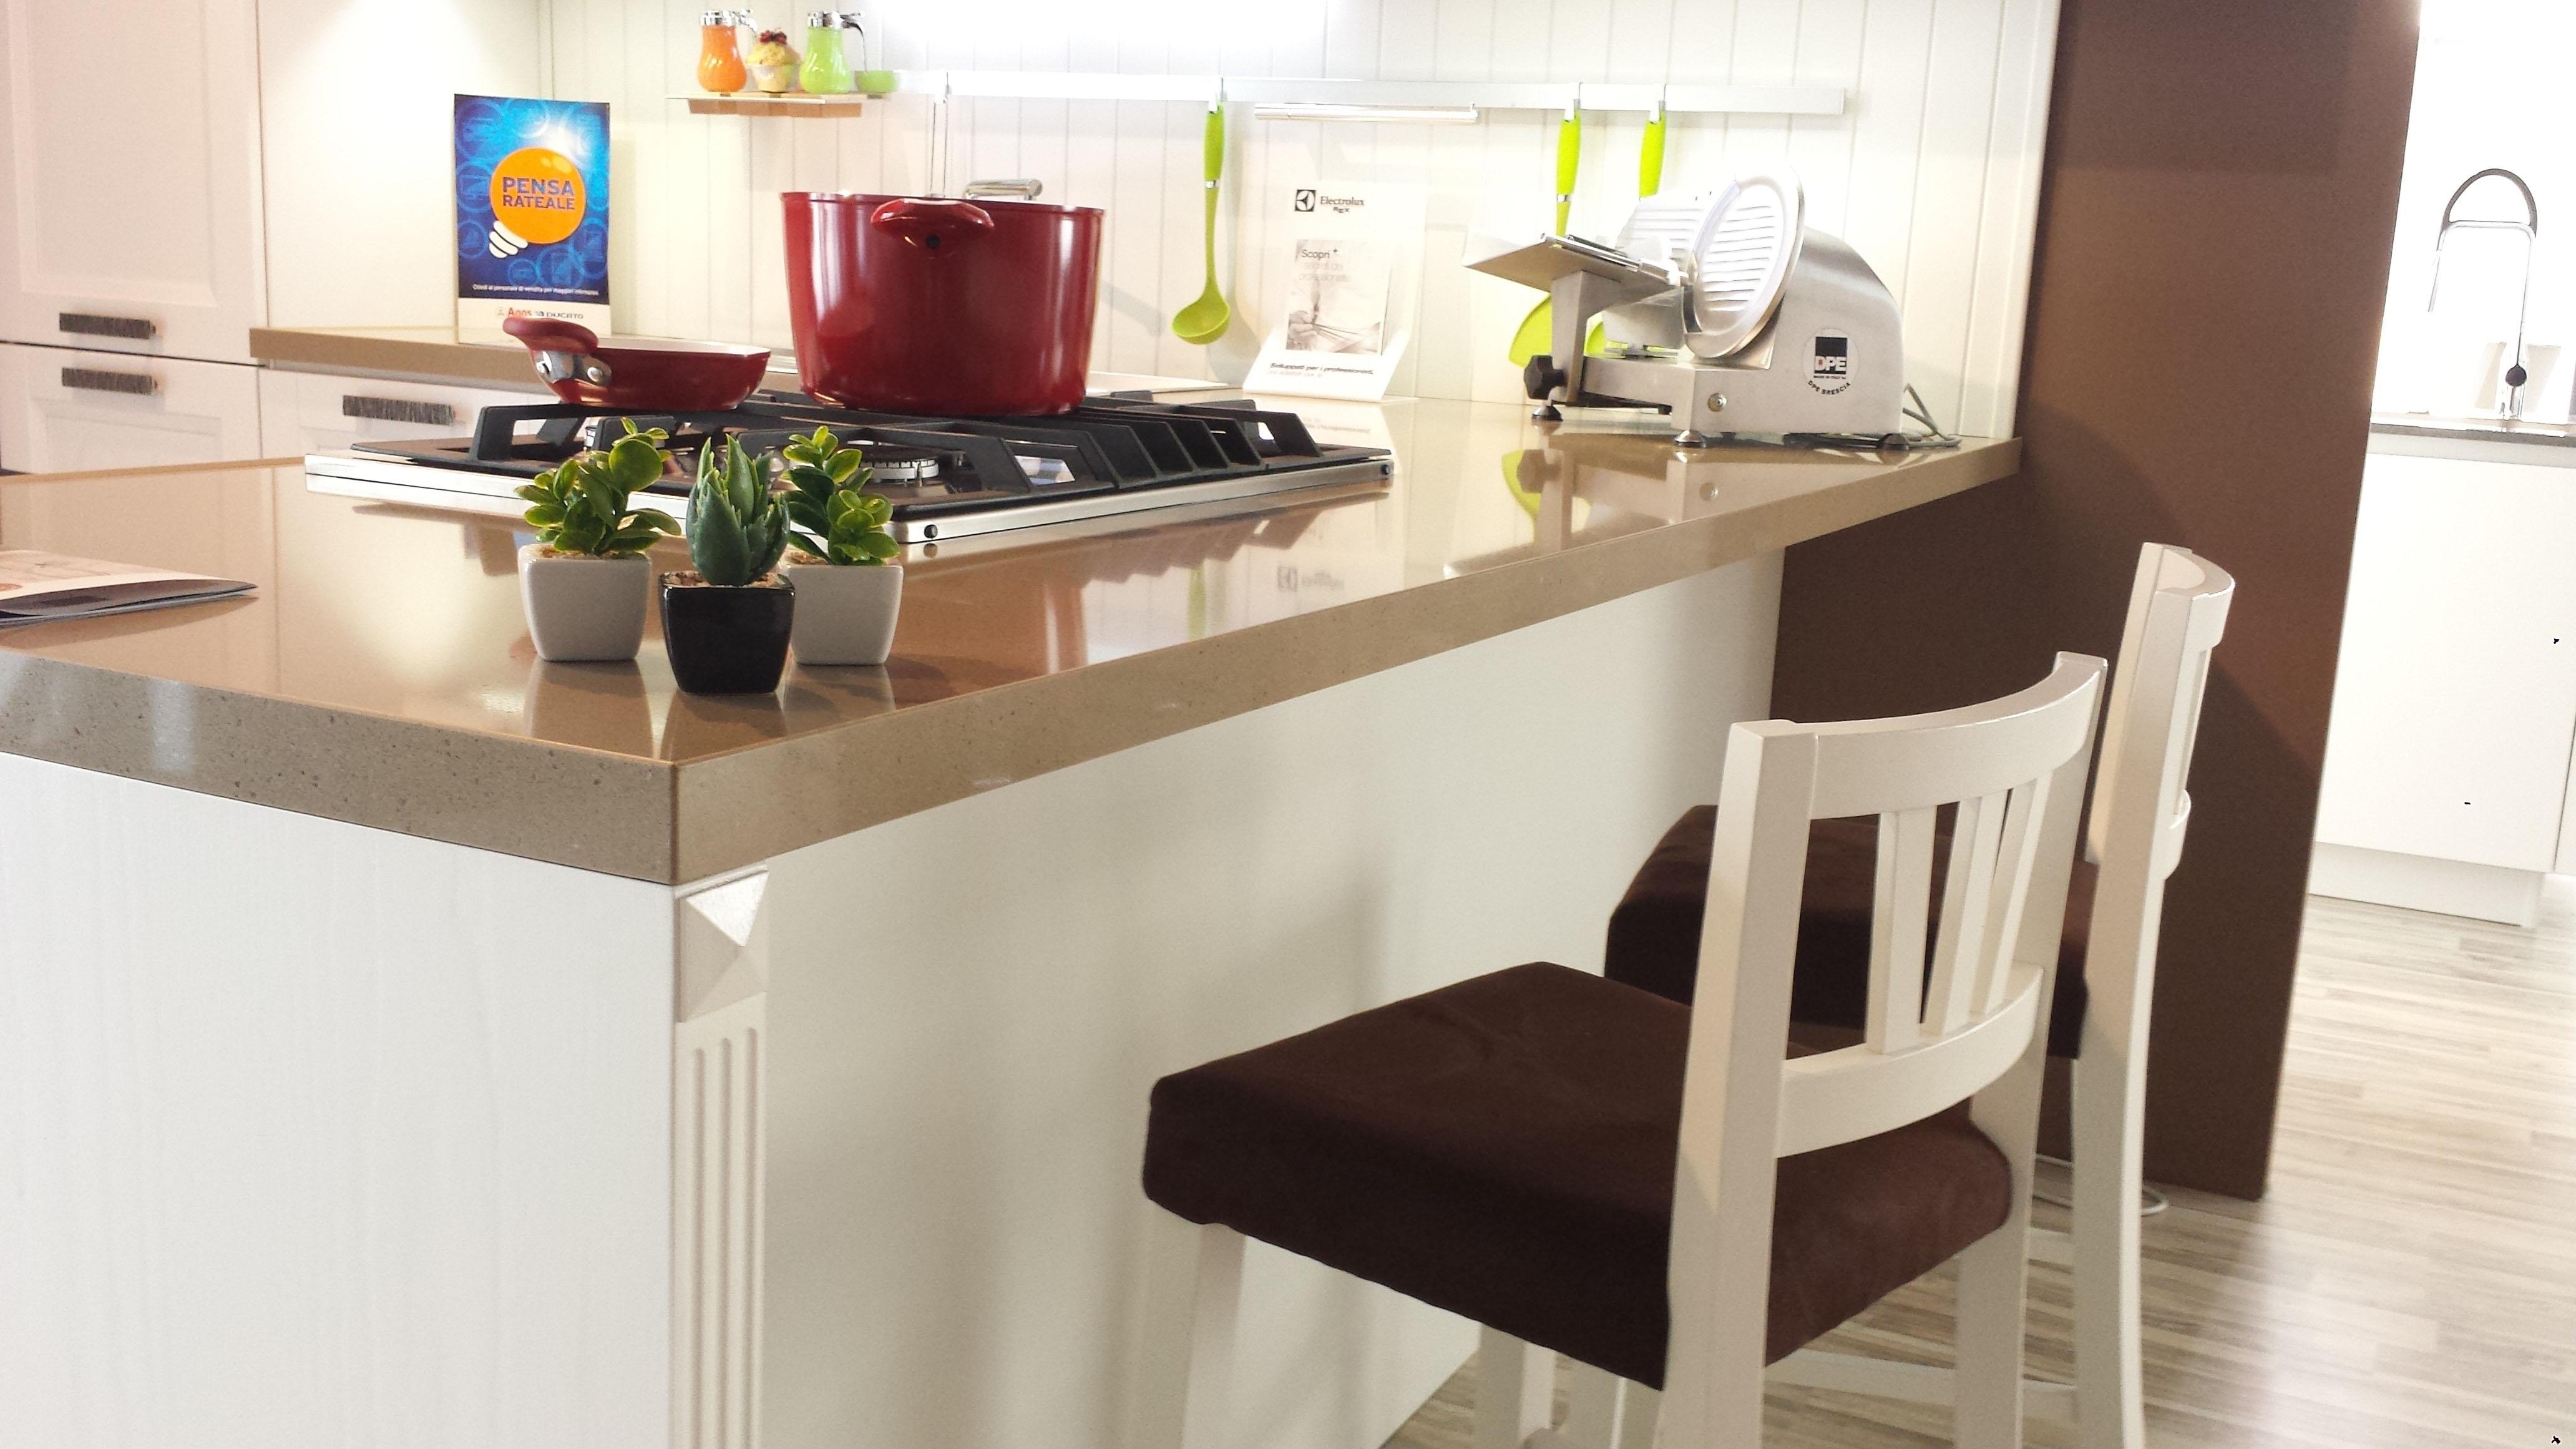 Stosa Cucine Cucina Beverly Classica Legno bianca - Cucine a ...